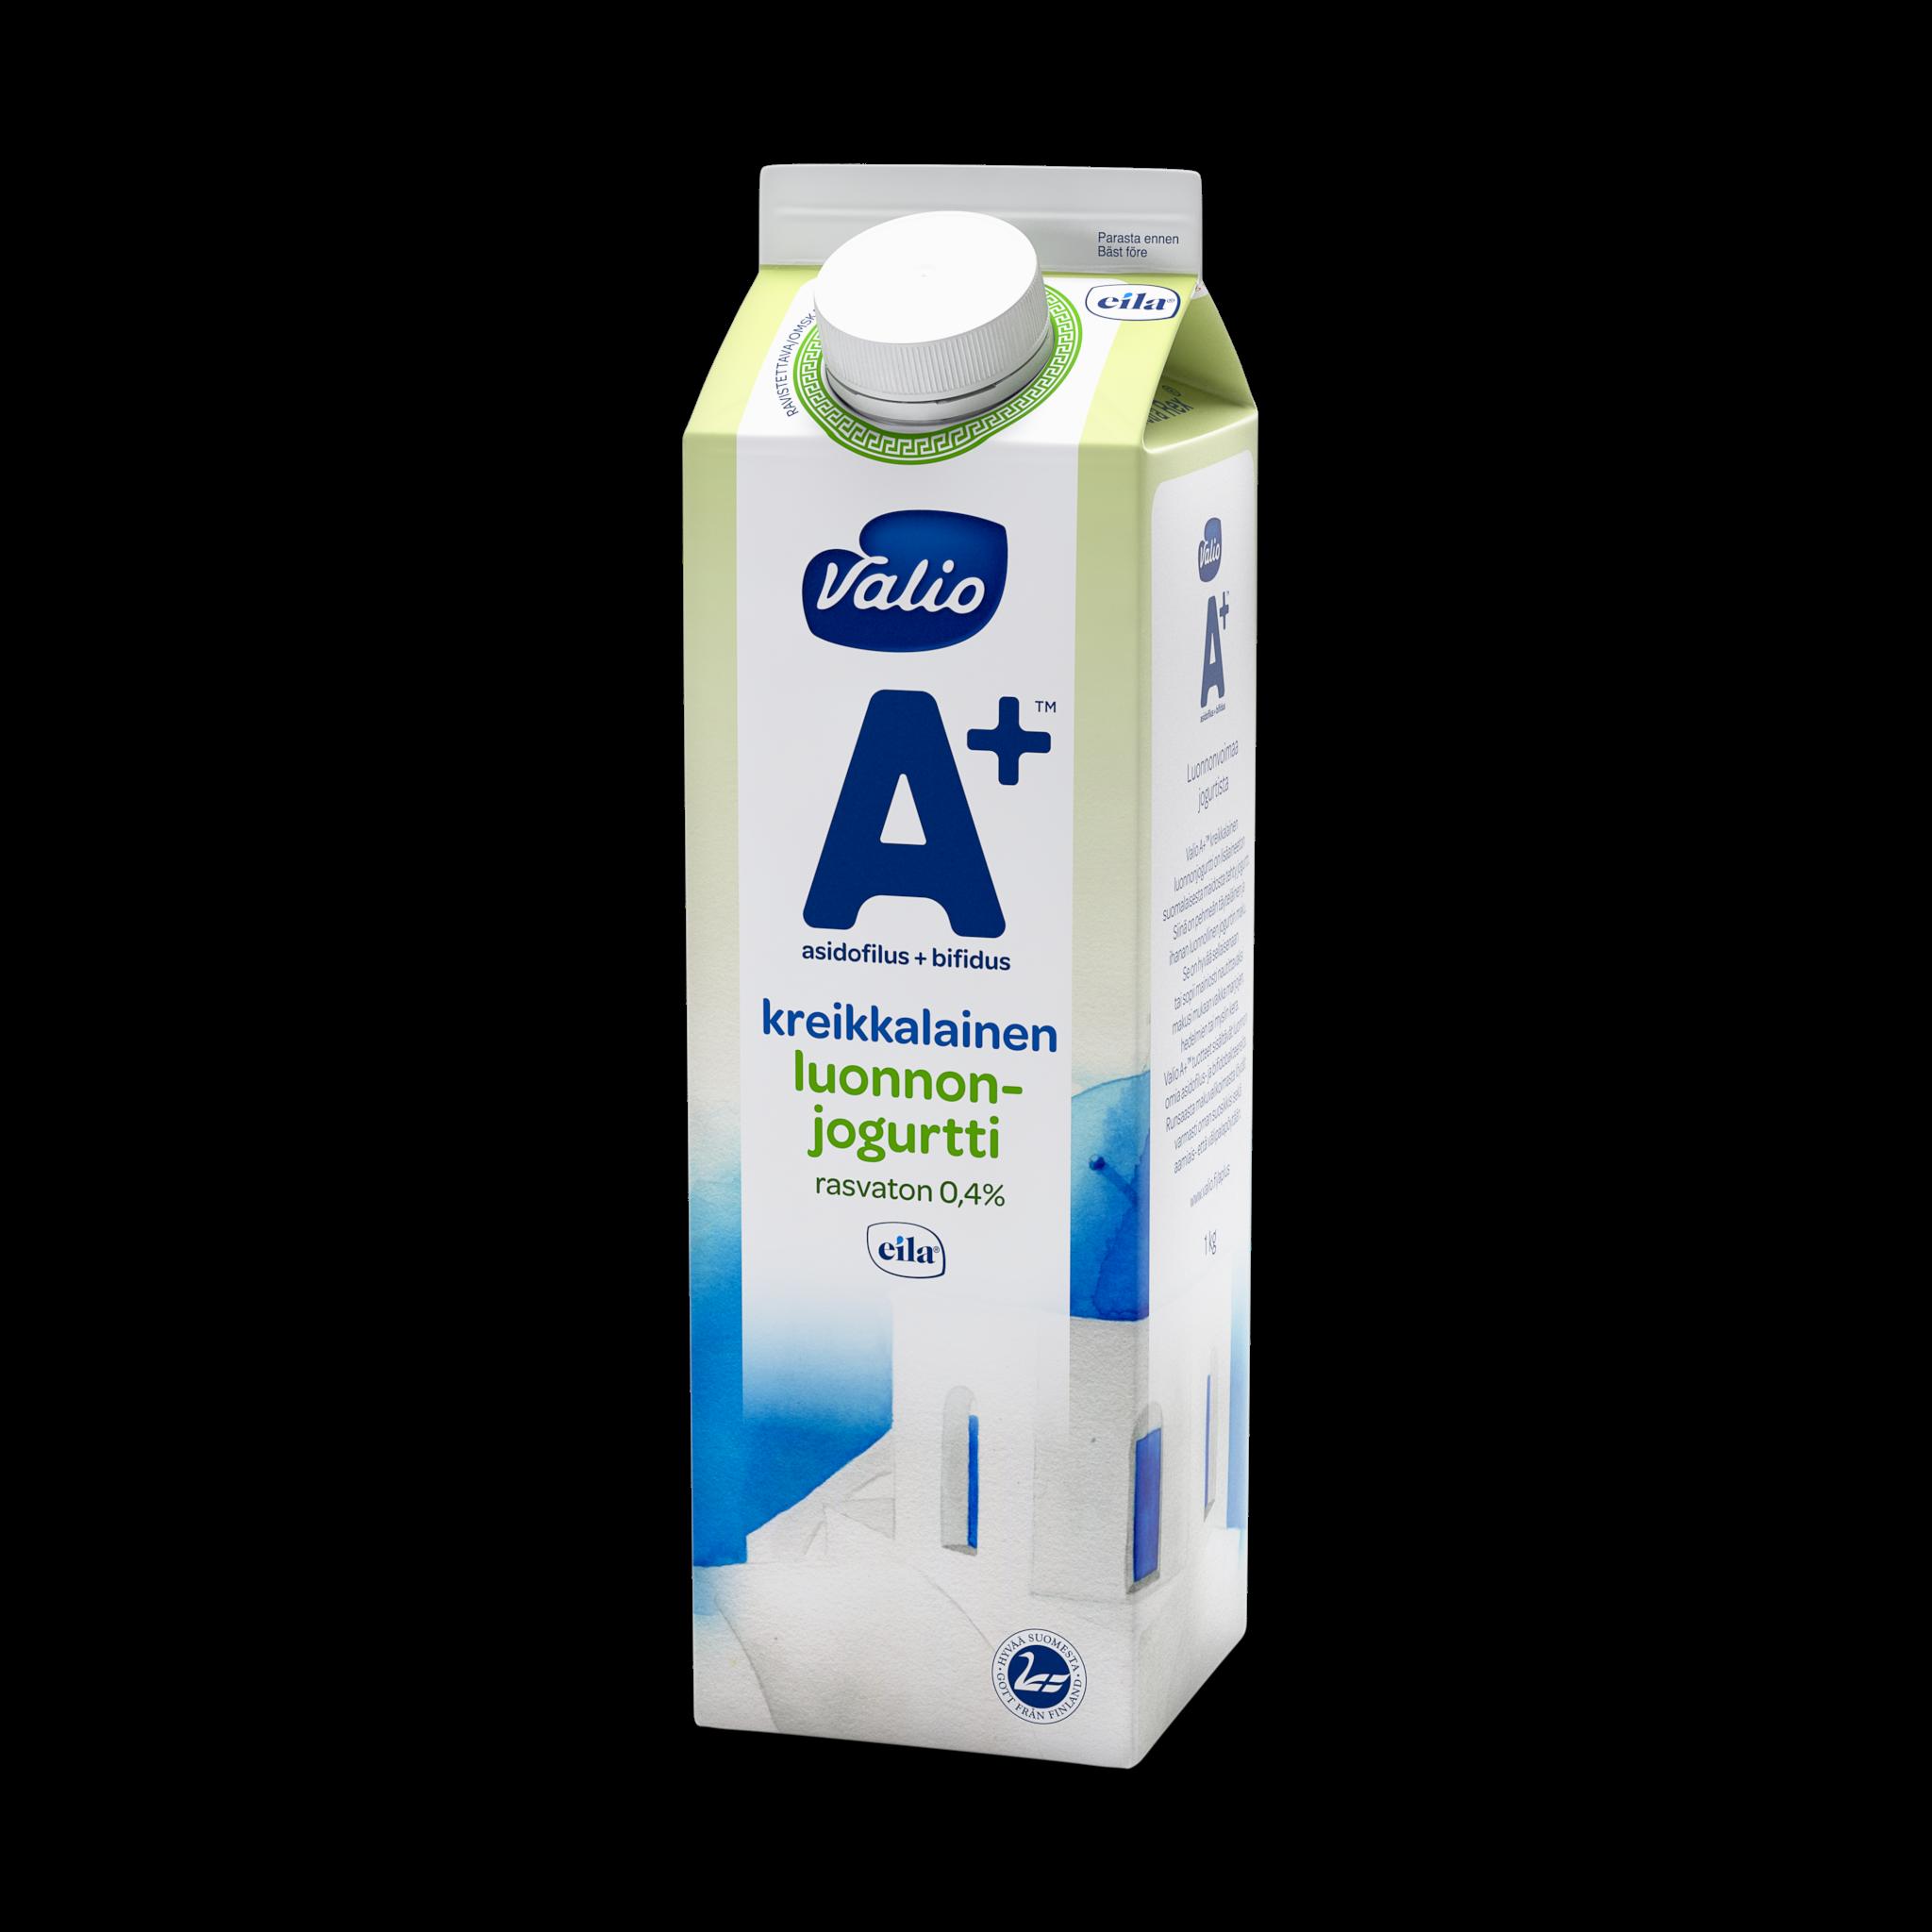 Valio A+™ kreikkalainen luonnonjogurtti rasvaton laktoositon